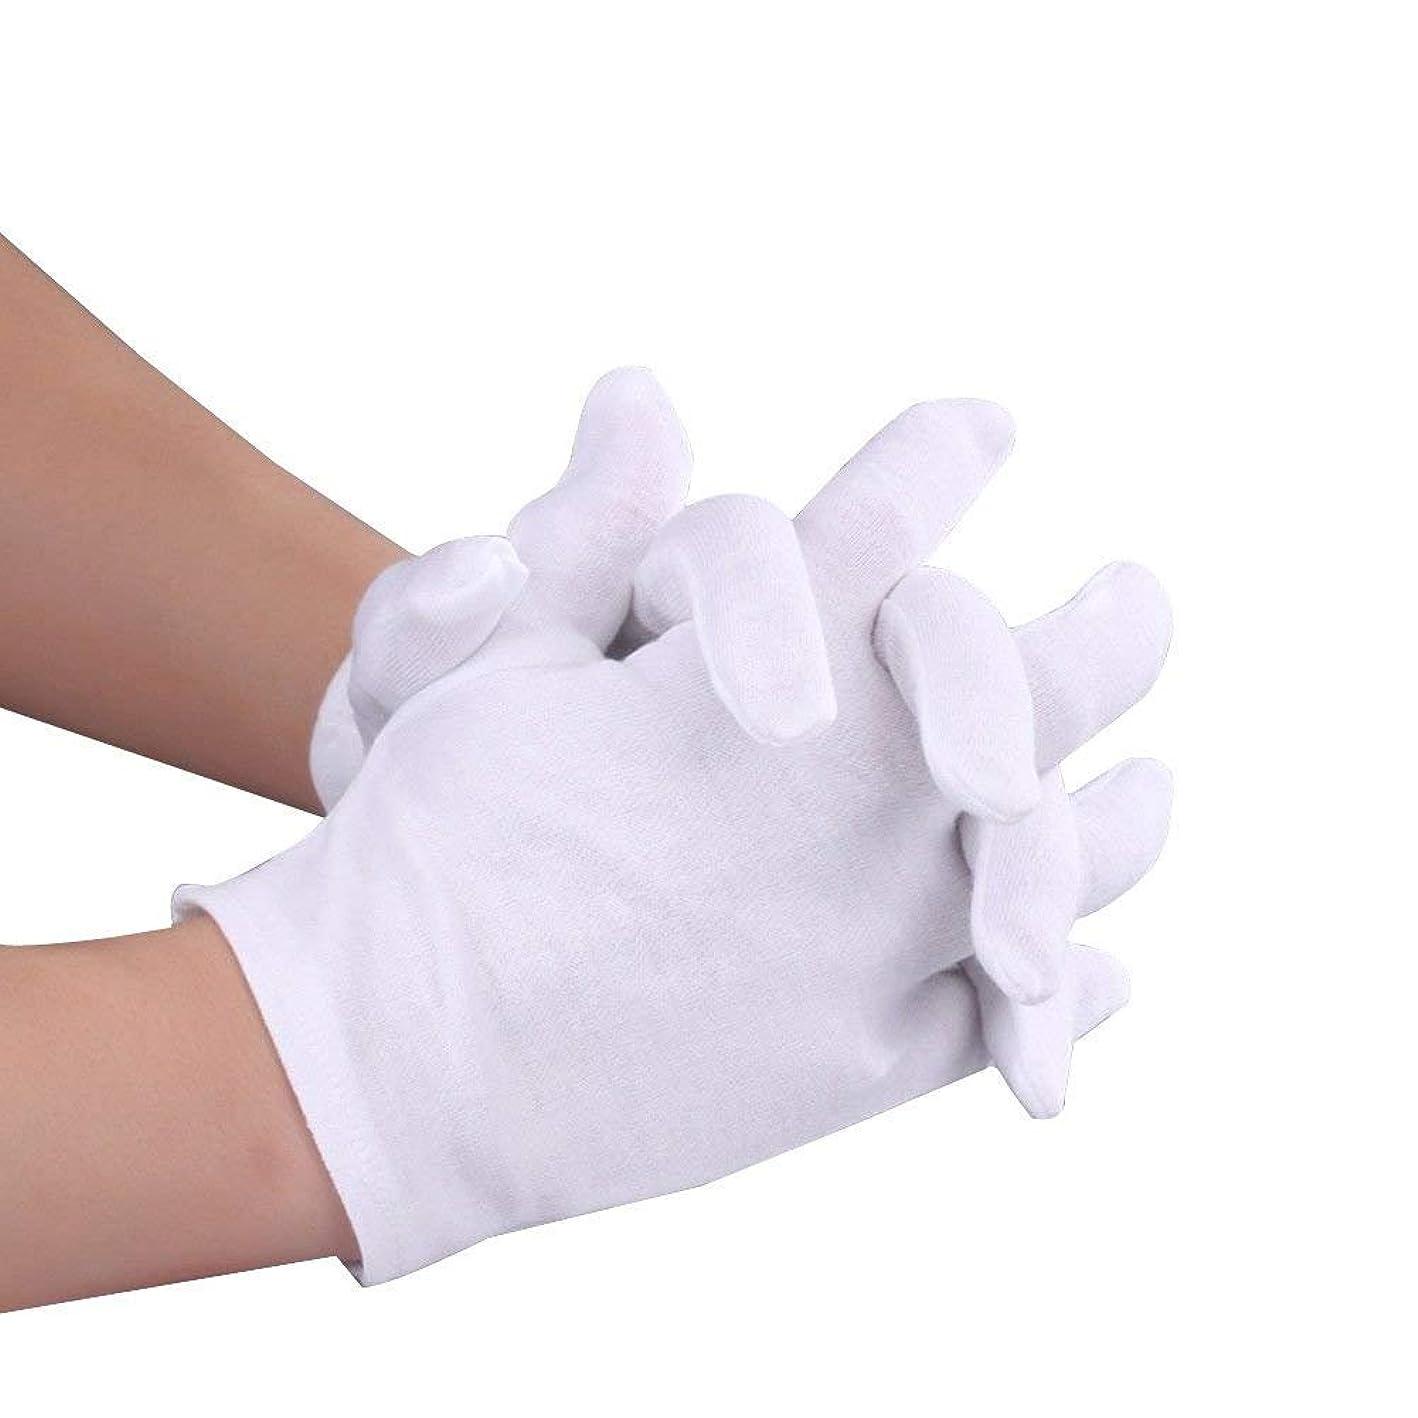 扇動する経歴闘争Wolfride 15Pairs コットン手袋 綿手袋 インナーコットン手袋 ガーデニング用手袋 入り Sサイズ 湿疹用 乾燥肌用 保湿用 家事用 礼装用